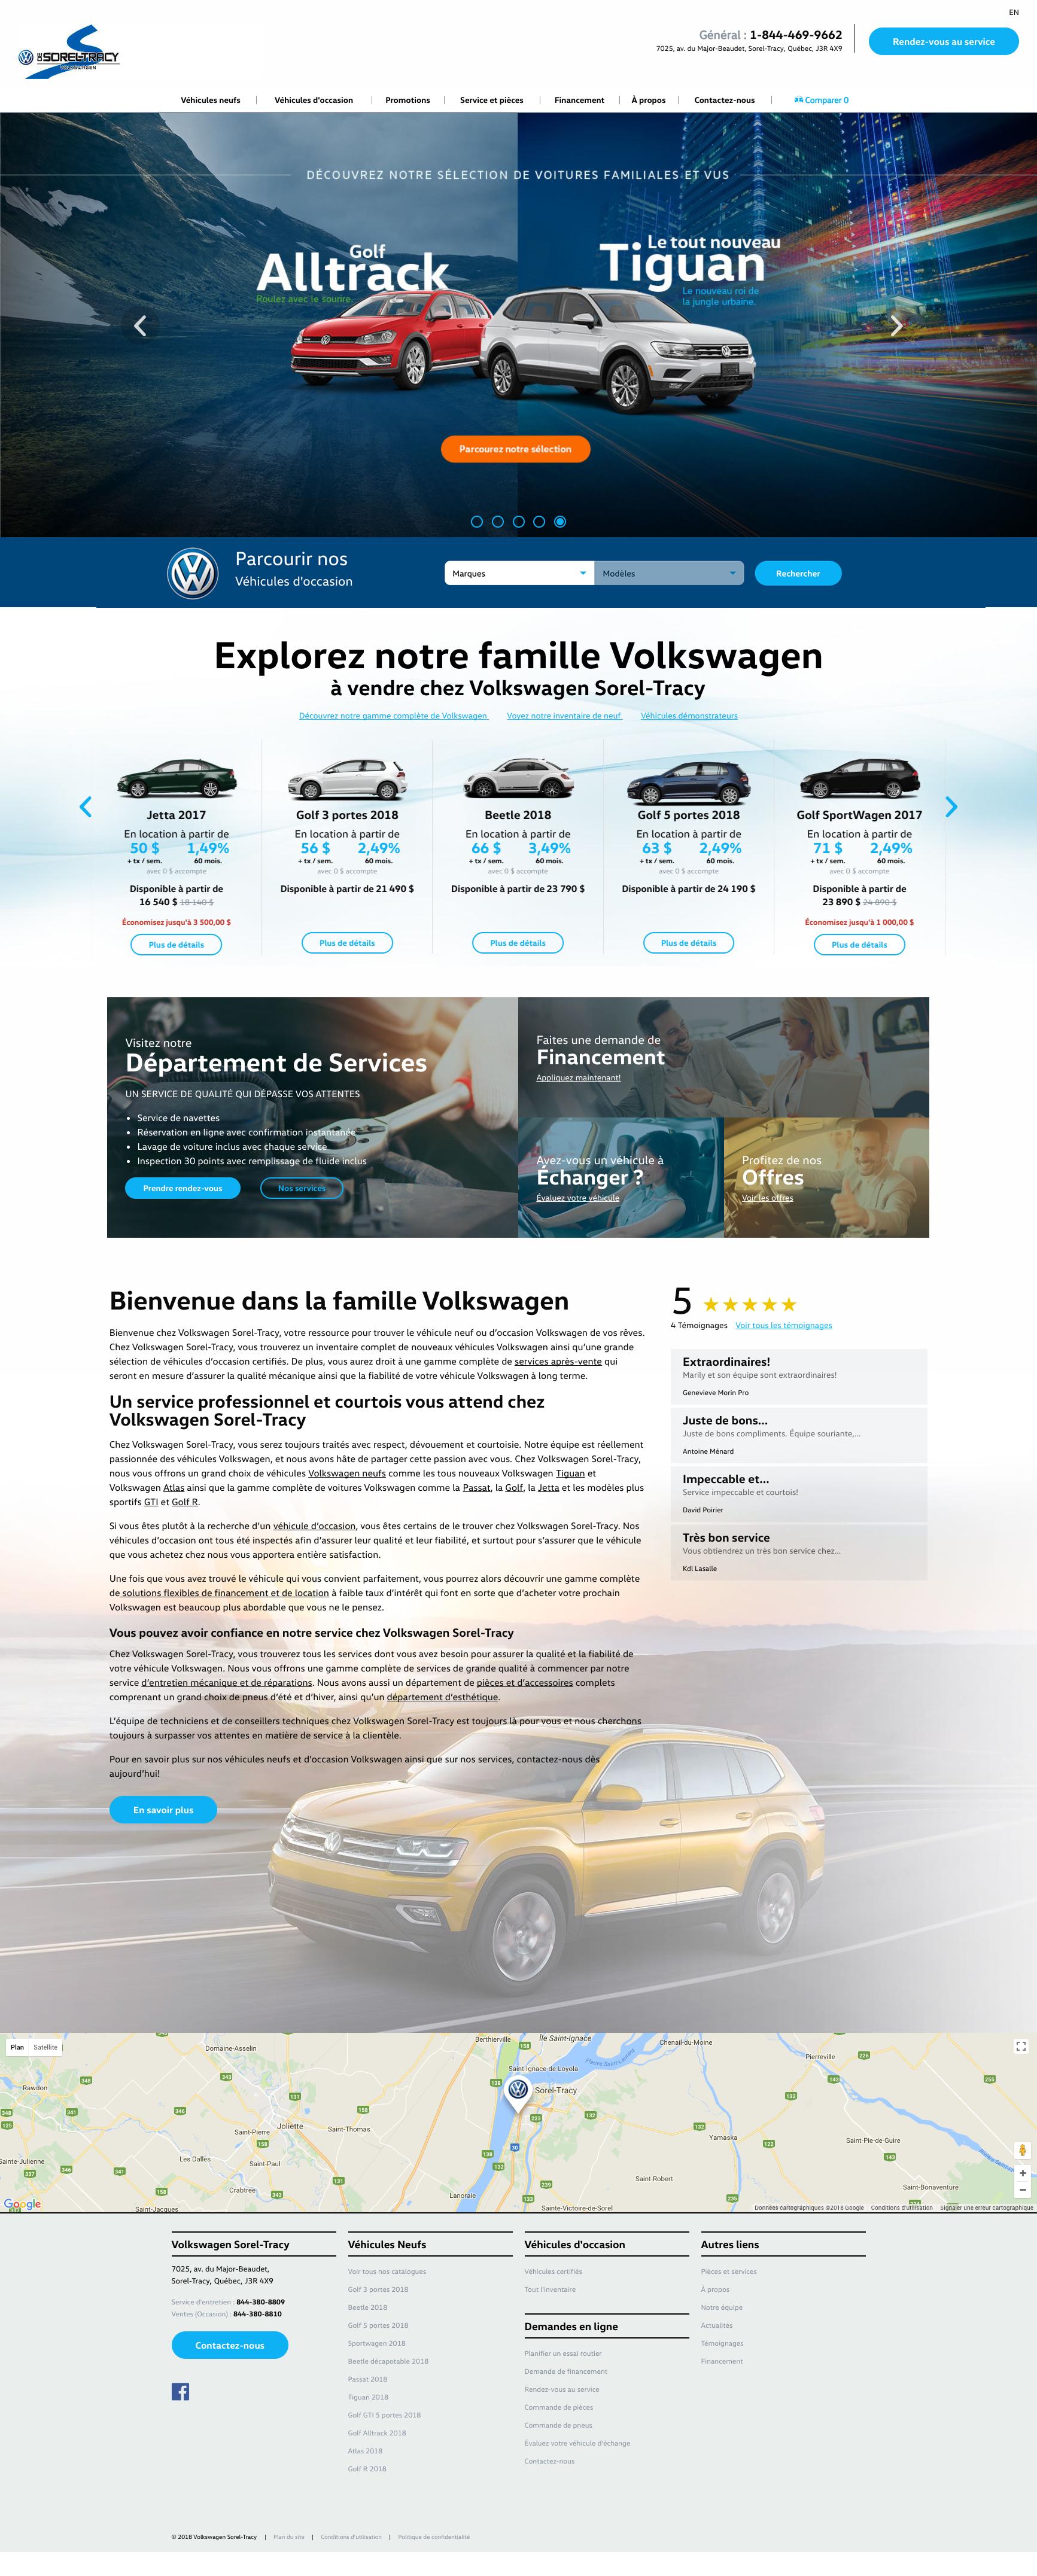 Best Promotional Design For Car Dealers Get Inspired Today Webdesign Design Graphicdesign Car Promotional Design Web Design Inspiration Best Web Design